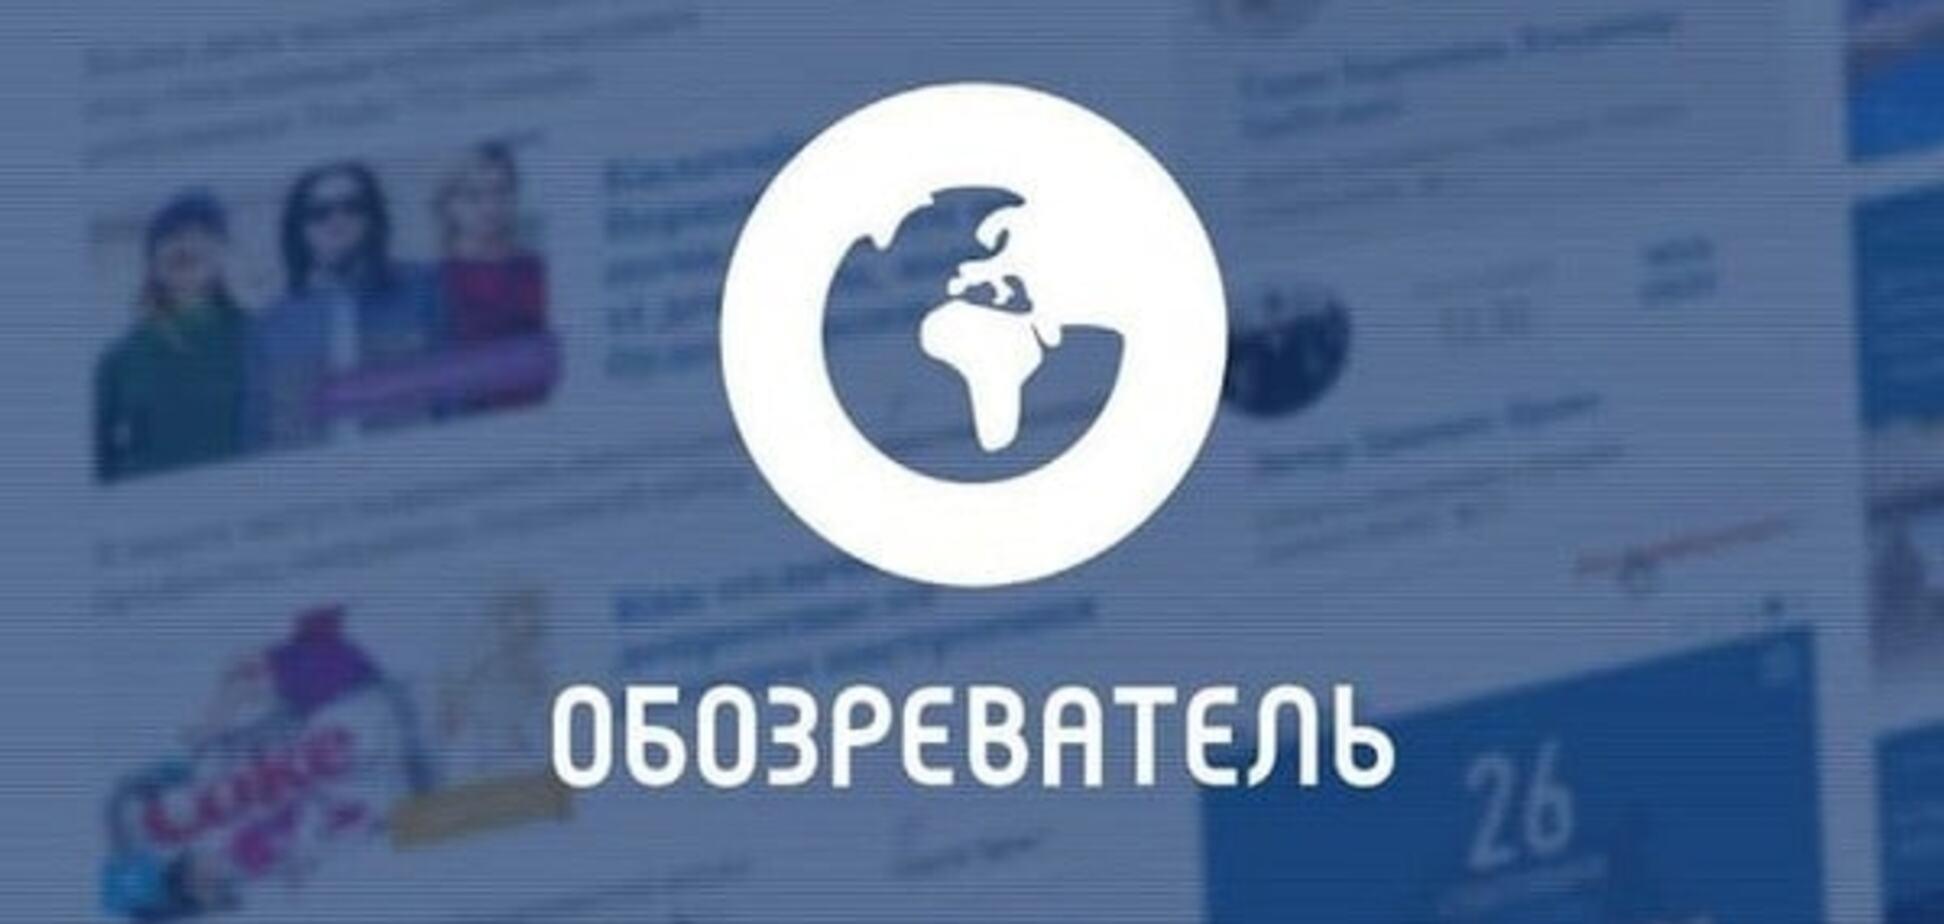 Українці повинні святкувати Різдво 25 грудня